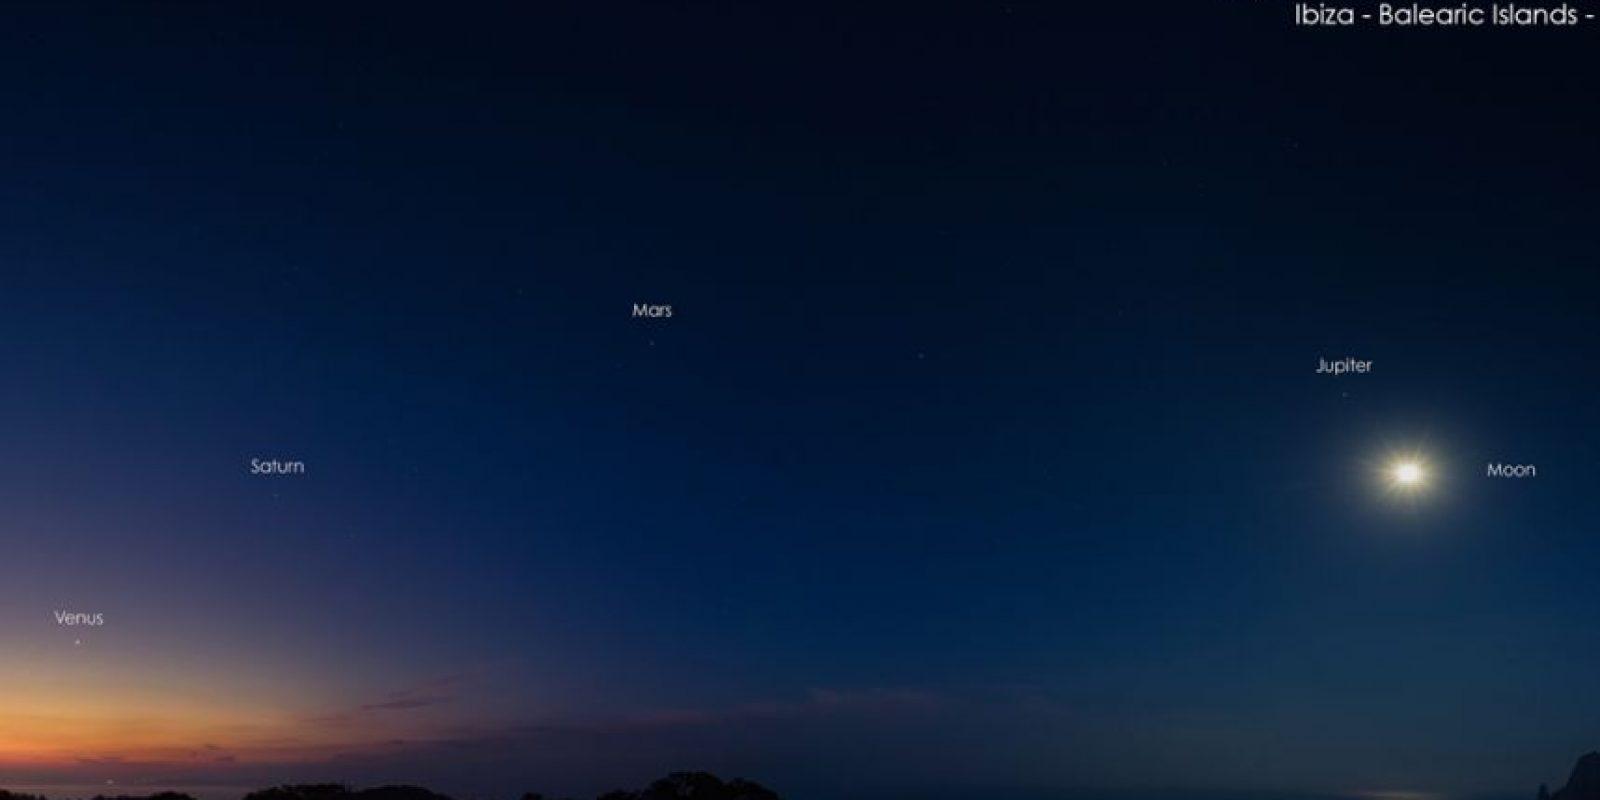 Fotografía tomada en enero de 2016, en Ibiza, España. Así se podían observar los cinco planetas. Foto:NASA.gov